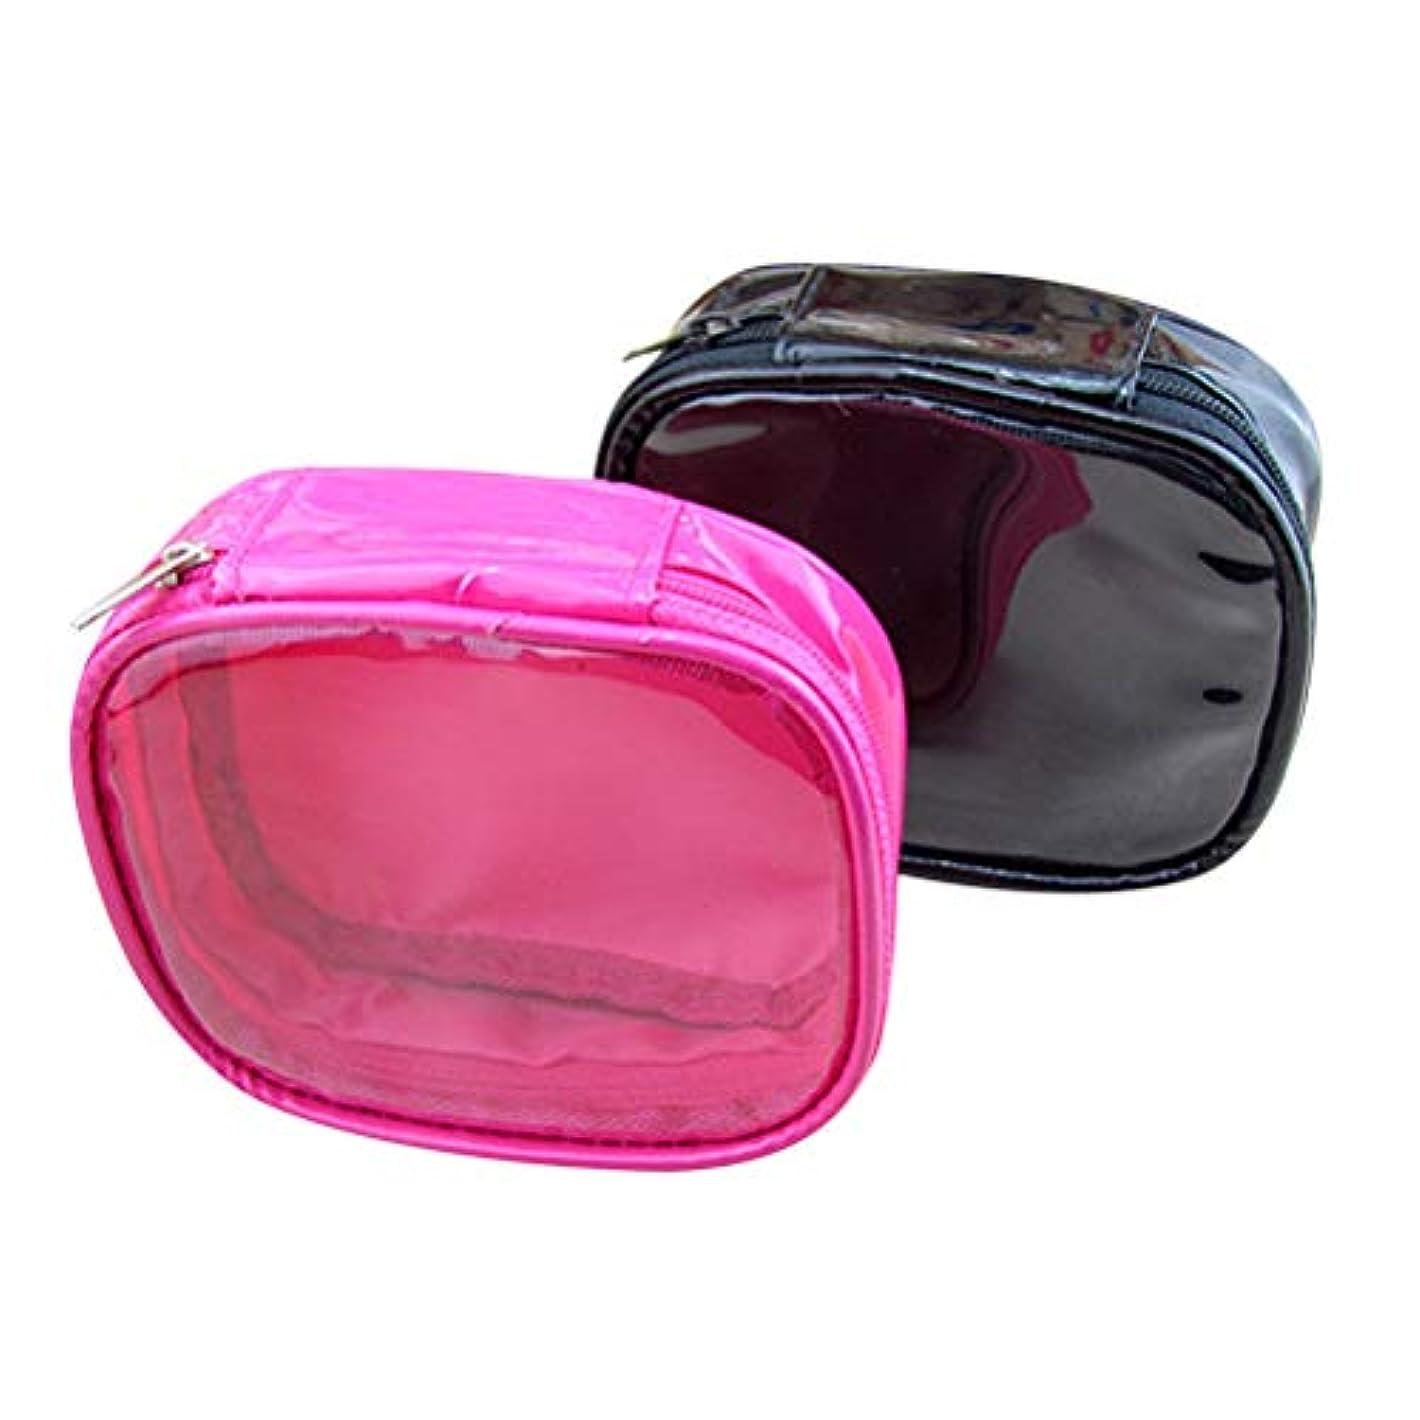 引き受ける盲信動力学SUPVOX SUPVOXコンタクトレンズバッグ防水化粧品バッグPUトイレタリーコンテナポーチ2個(アソートカラー)